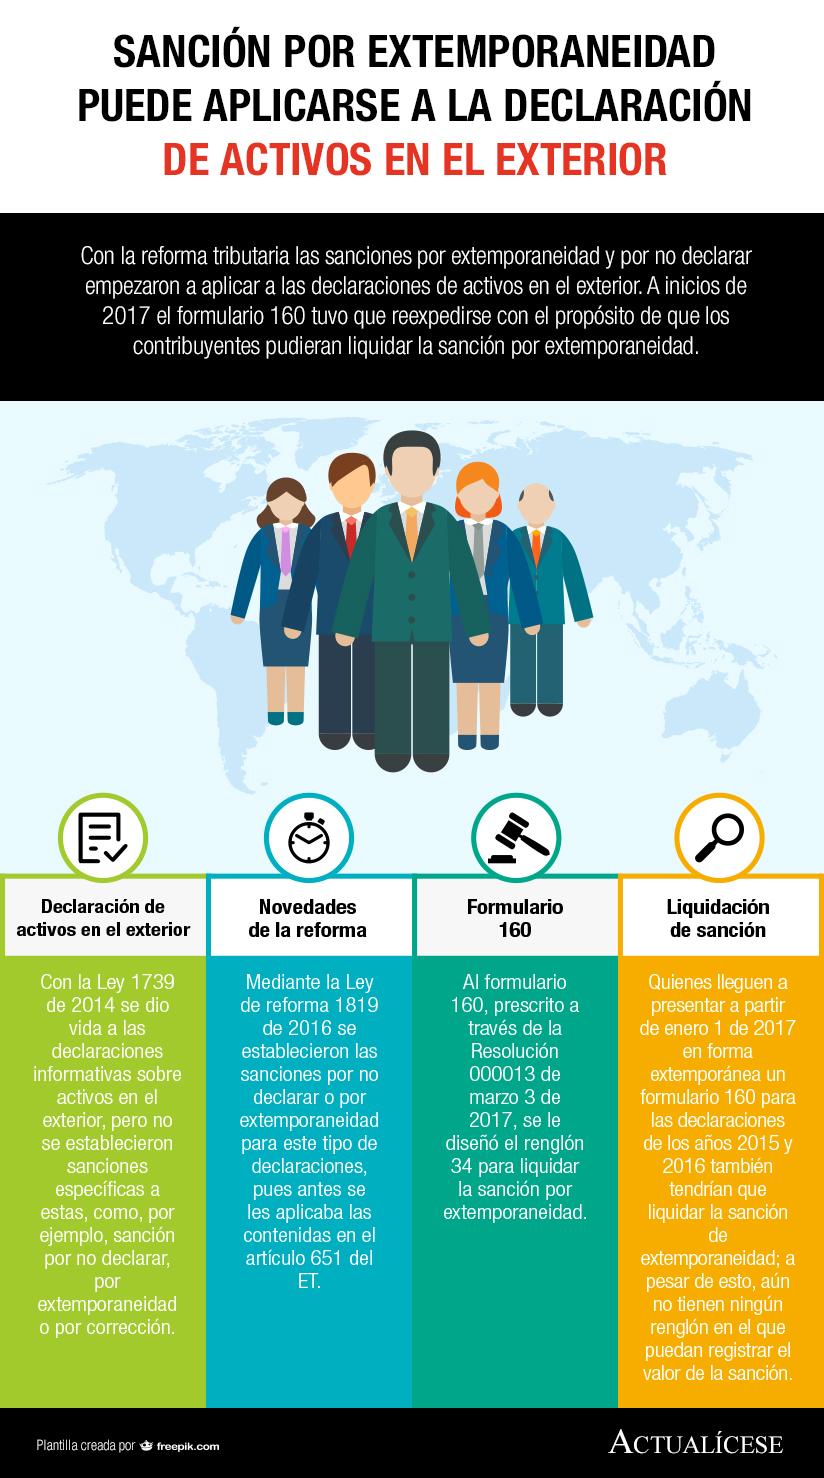 [Infografía] Sanción por extemporaneidad puede aplicarse a la declaración de activos en el exterior